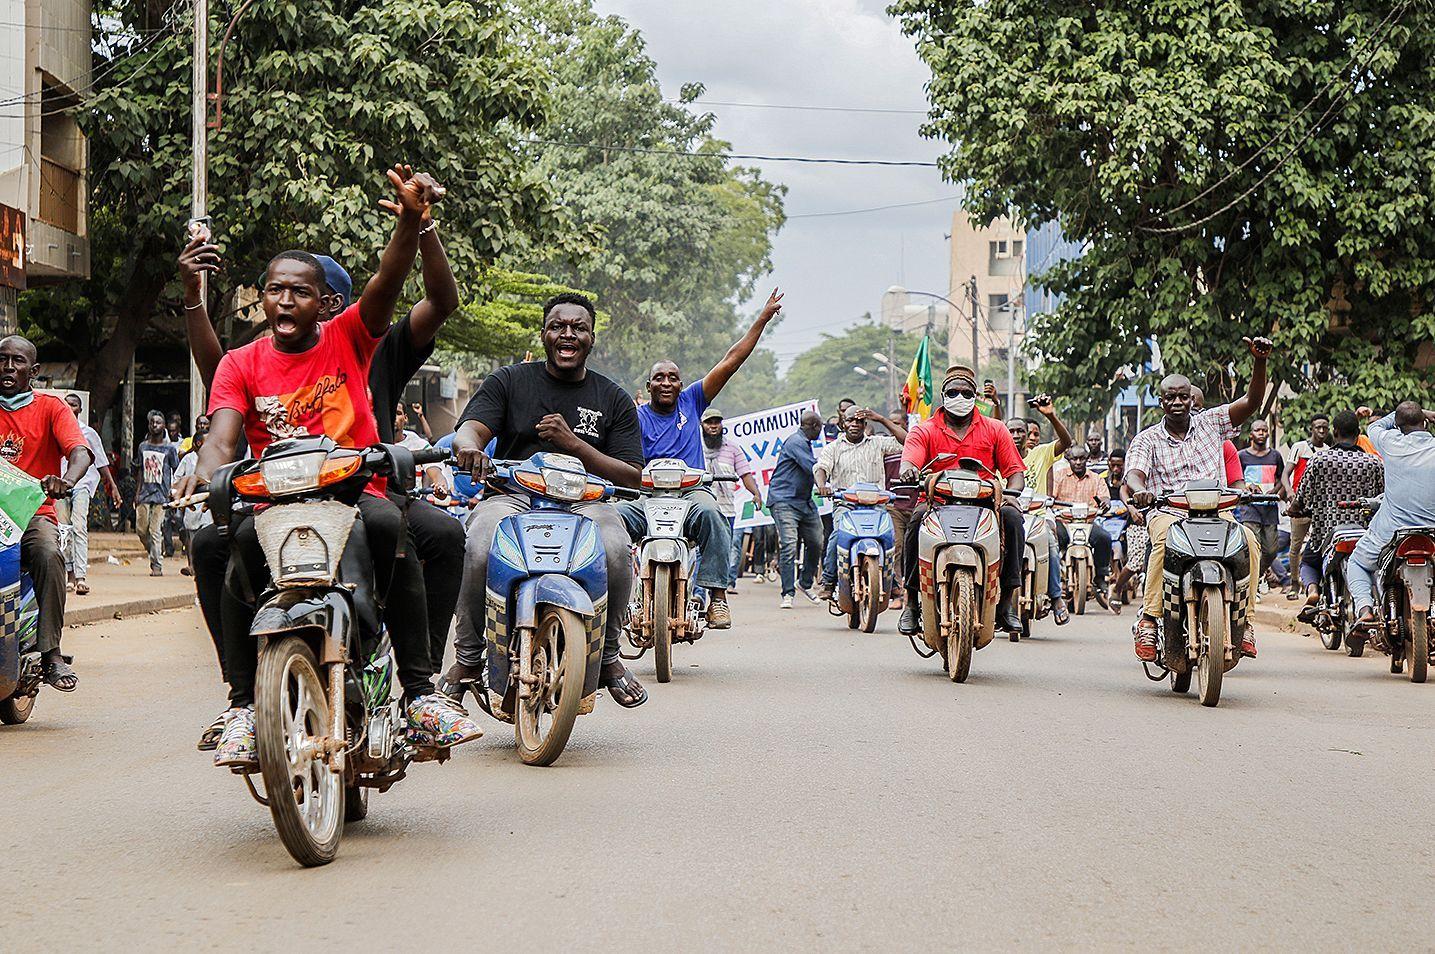 Mali coup, Bamako - 18 Aug 2020